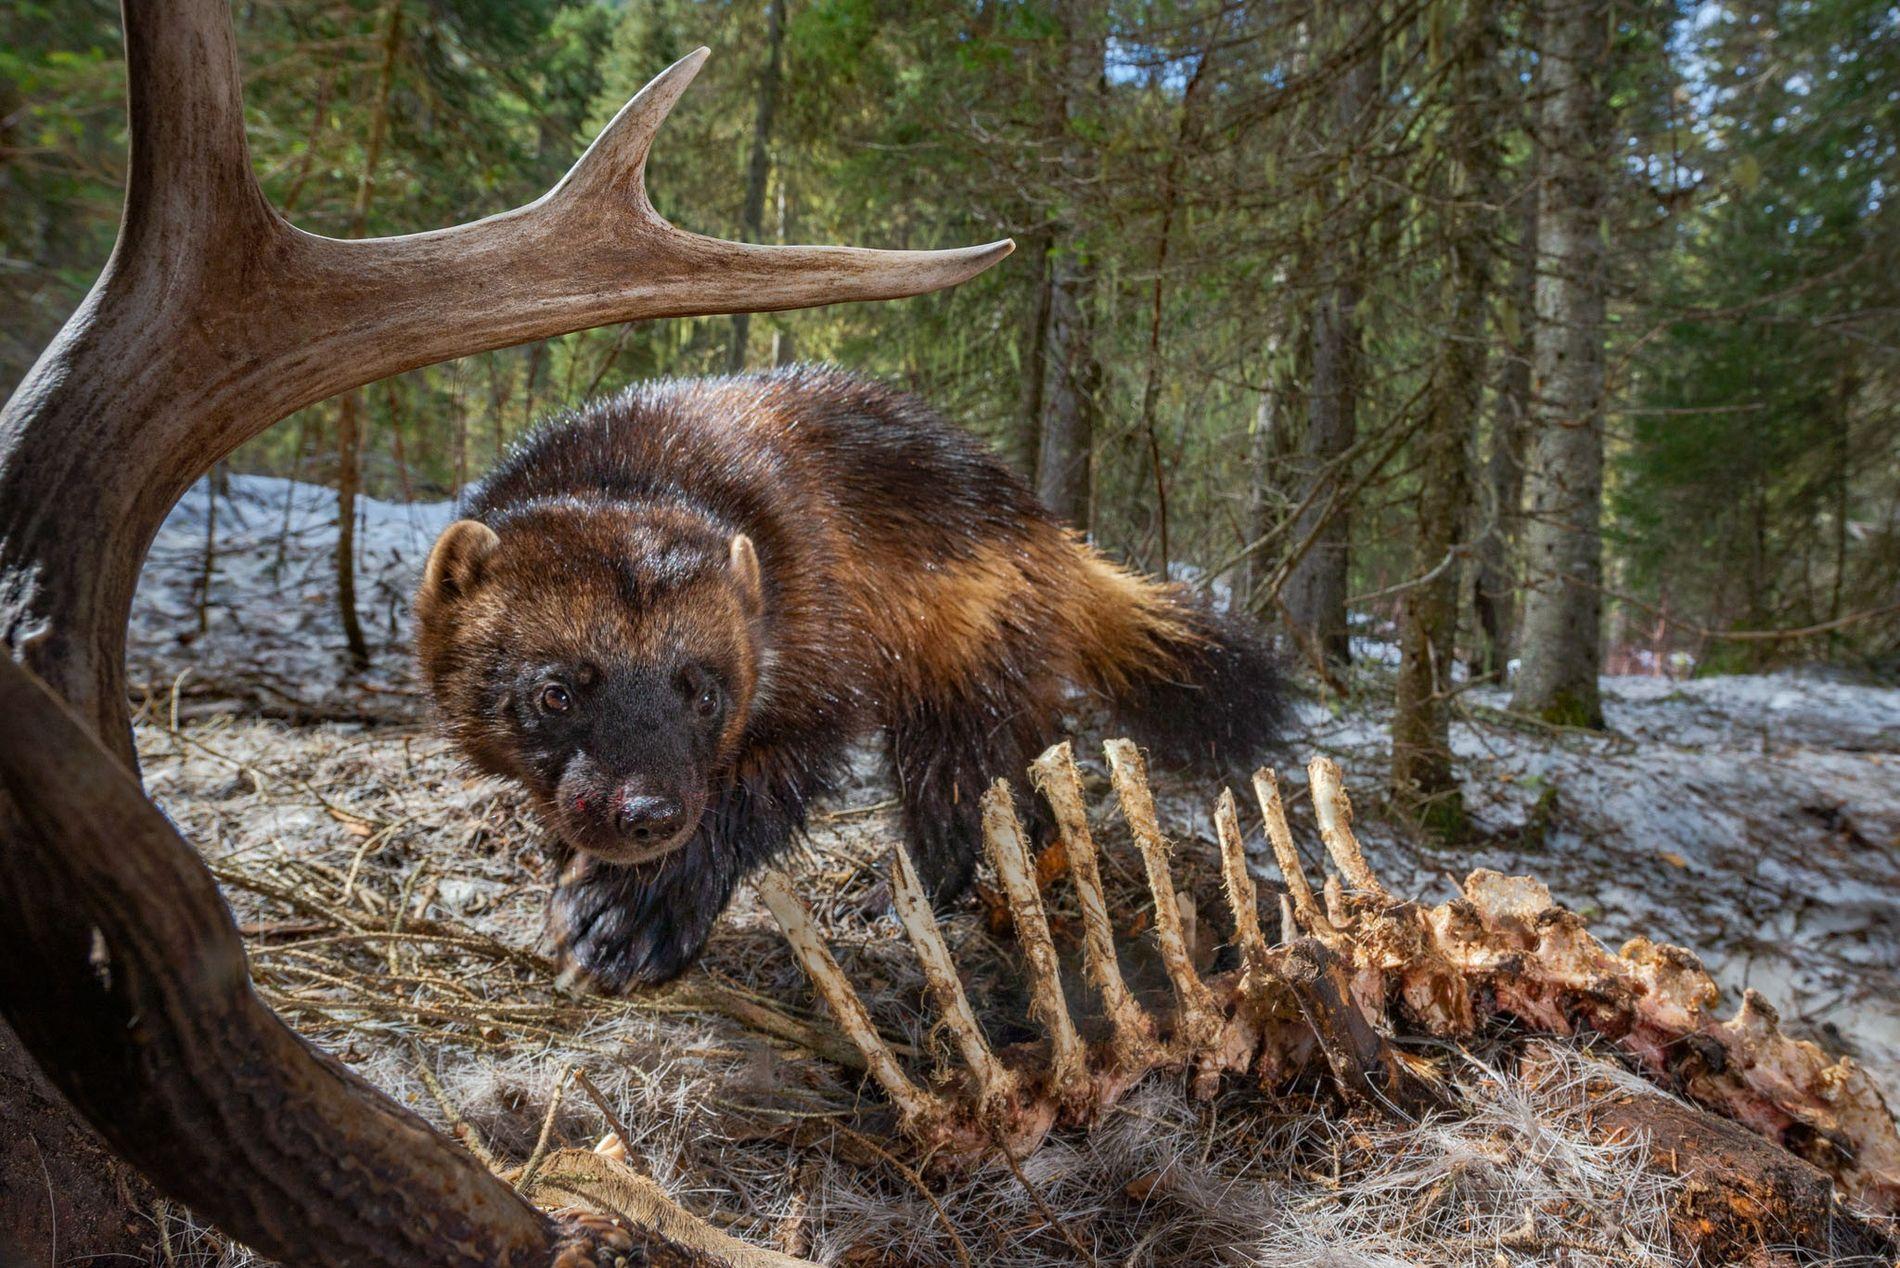 Un glotón en alerta en el valle Swan, Montana, dispara una cámara trampa mientras se alimenta de un cadáver de ciervo. Estos depredadores reservados están preparados para sobrevivir en paisajes septentrionales gélidos. ¿Podrán adaptarse a un mundo más cálido?